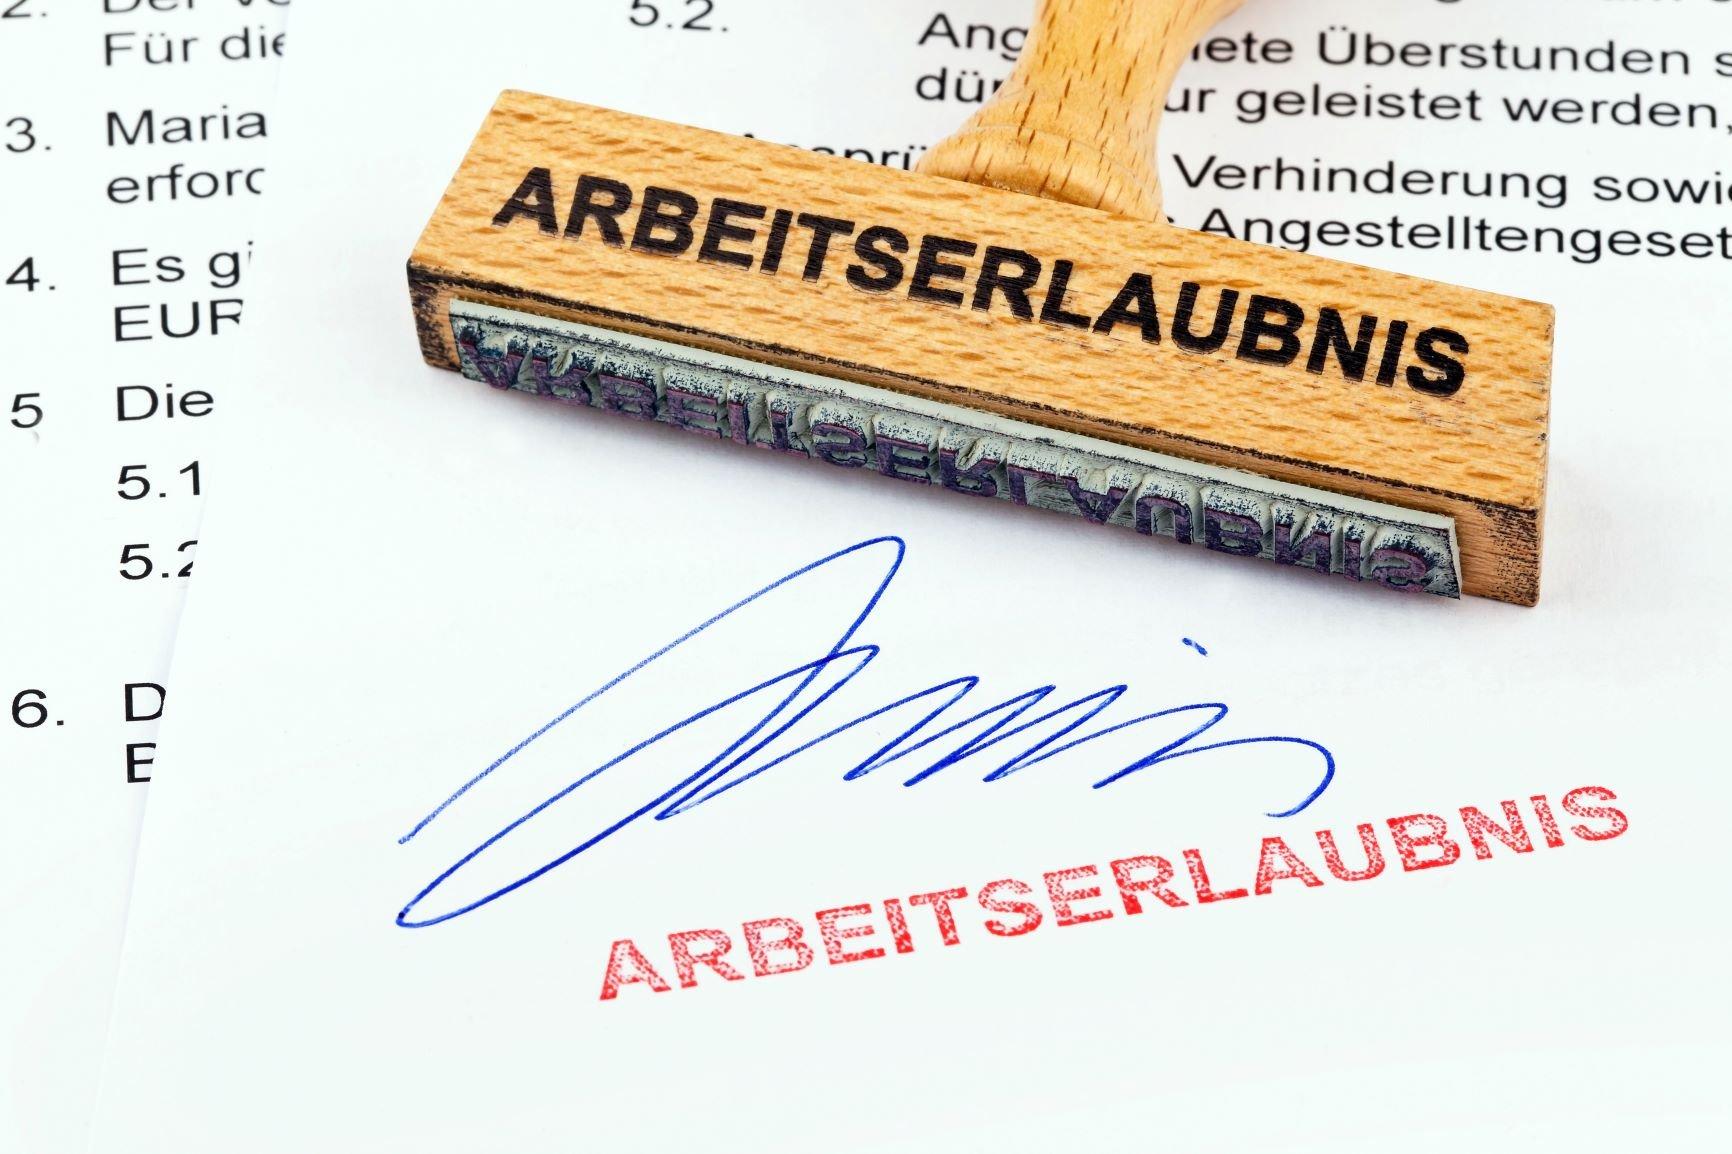 Arbeitserlaubnis in Deutschland